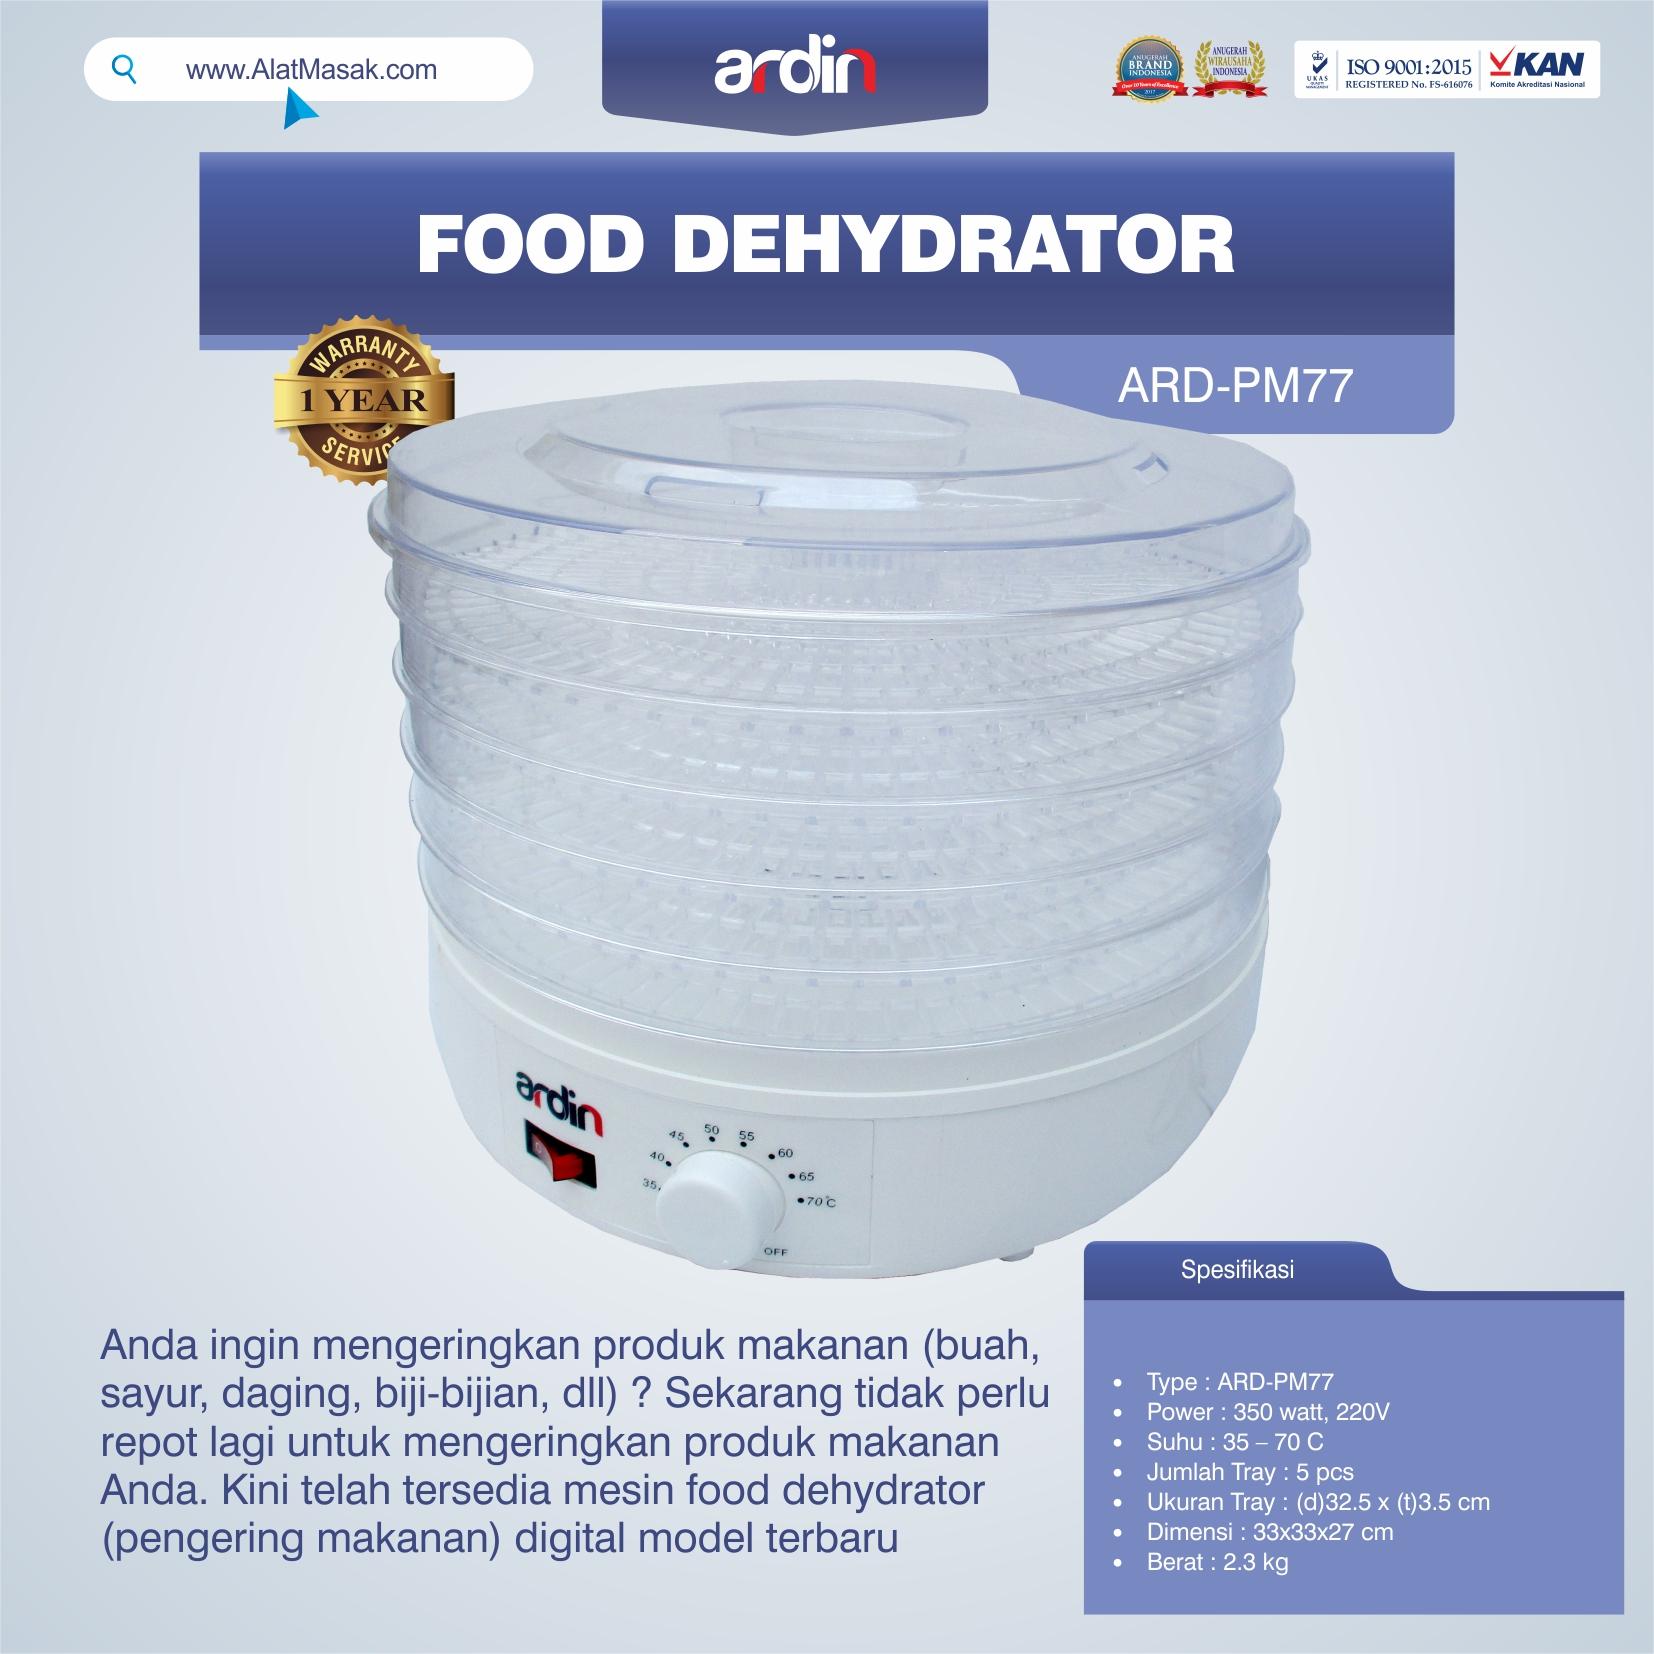 Jual Food Dehydrator ARD-PM77 di Solo